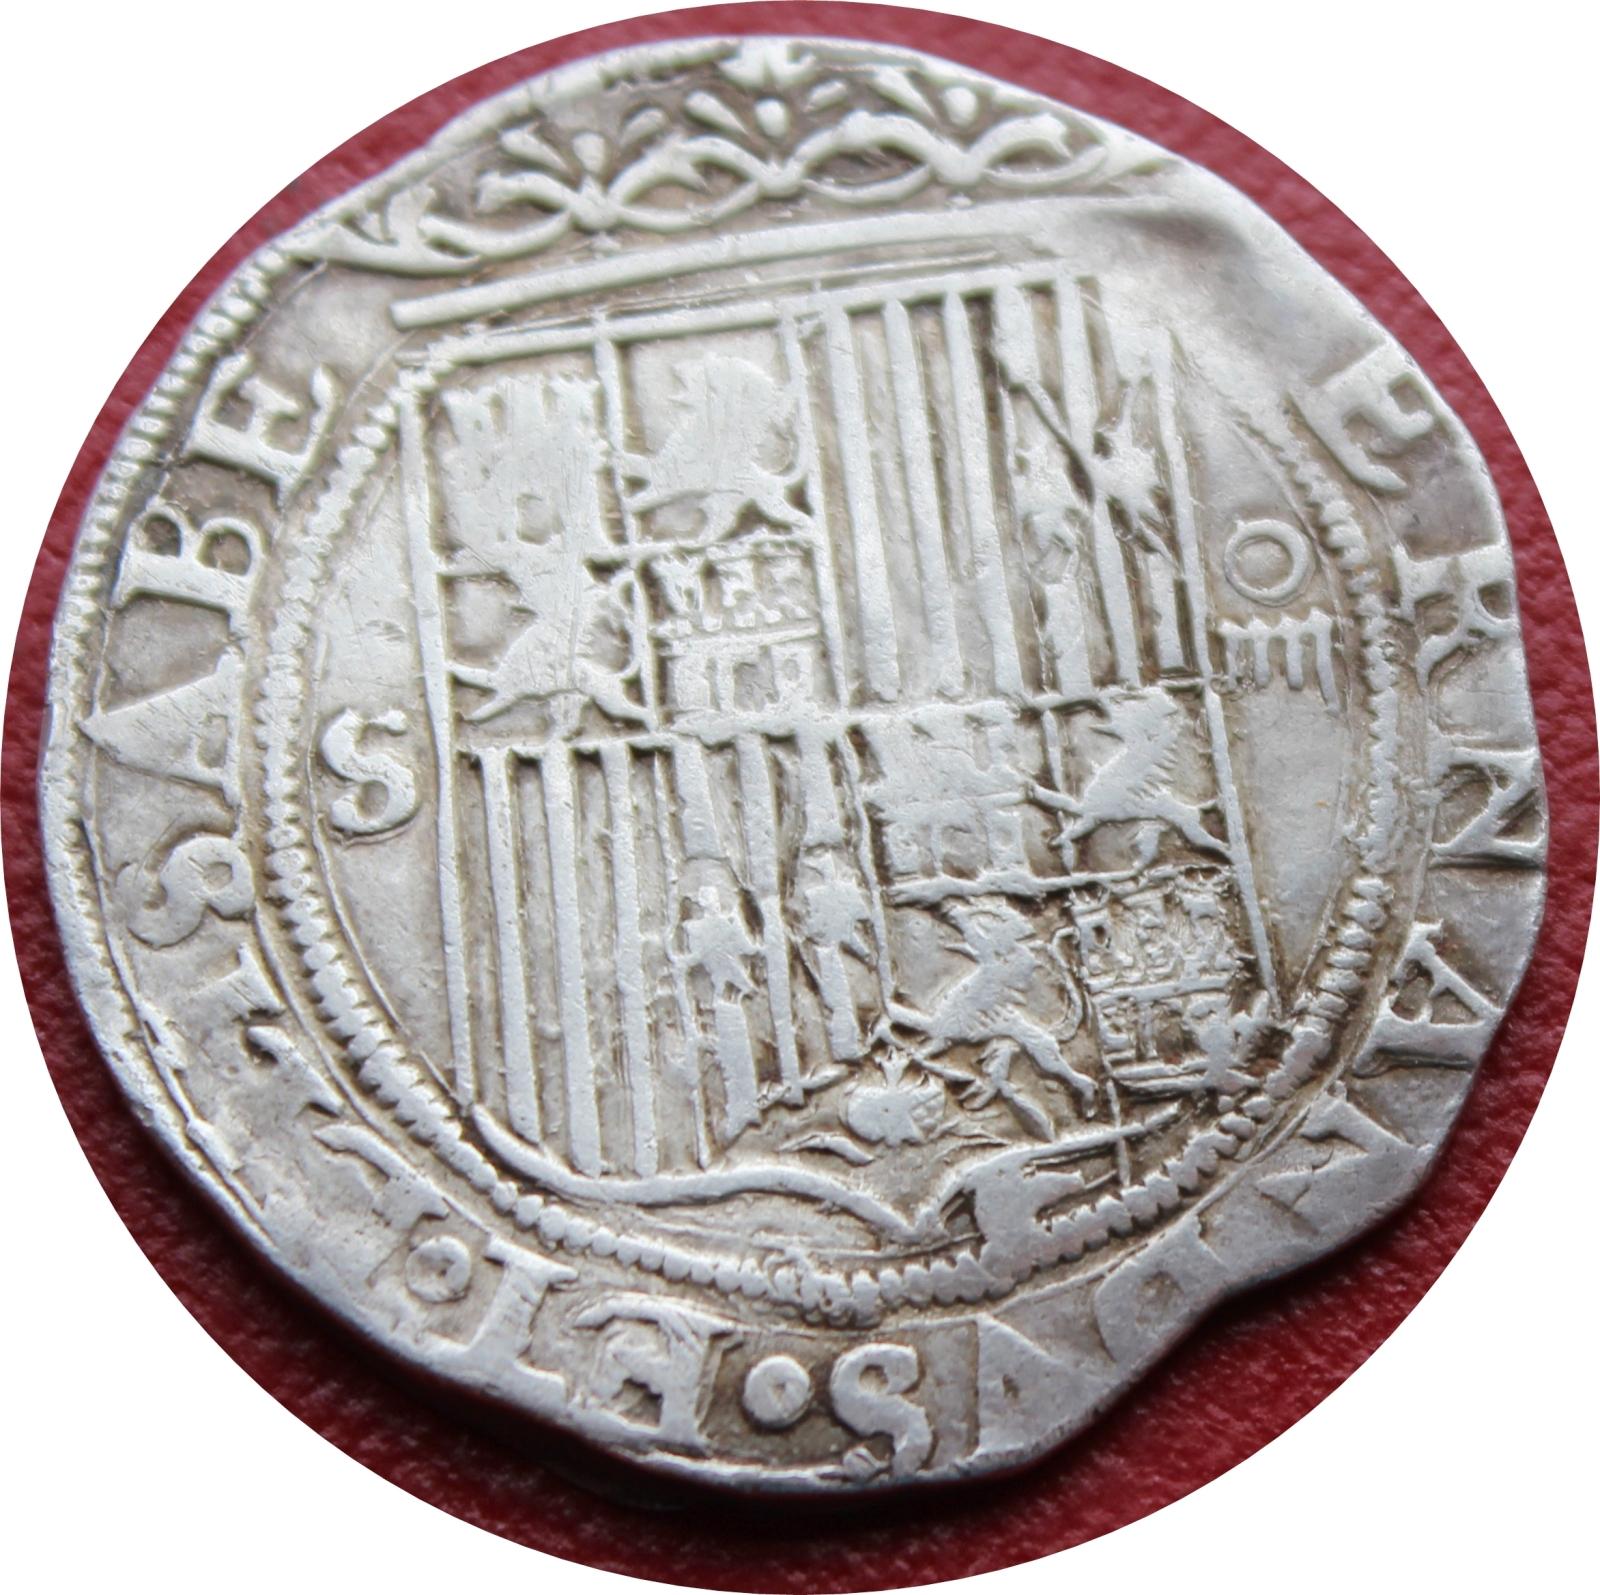 4 Reales a nombre de los Reyes Católicos (1516-1566) Sevilla. 1zccxk